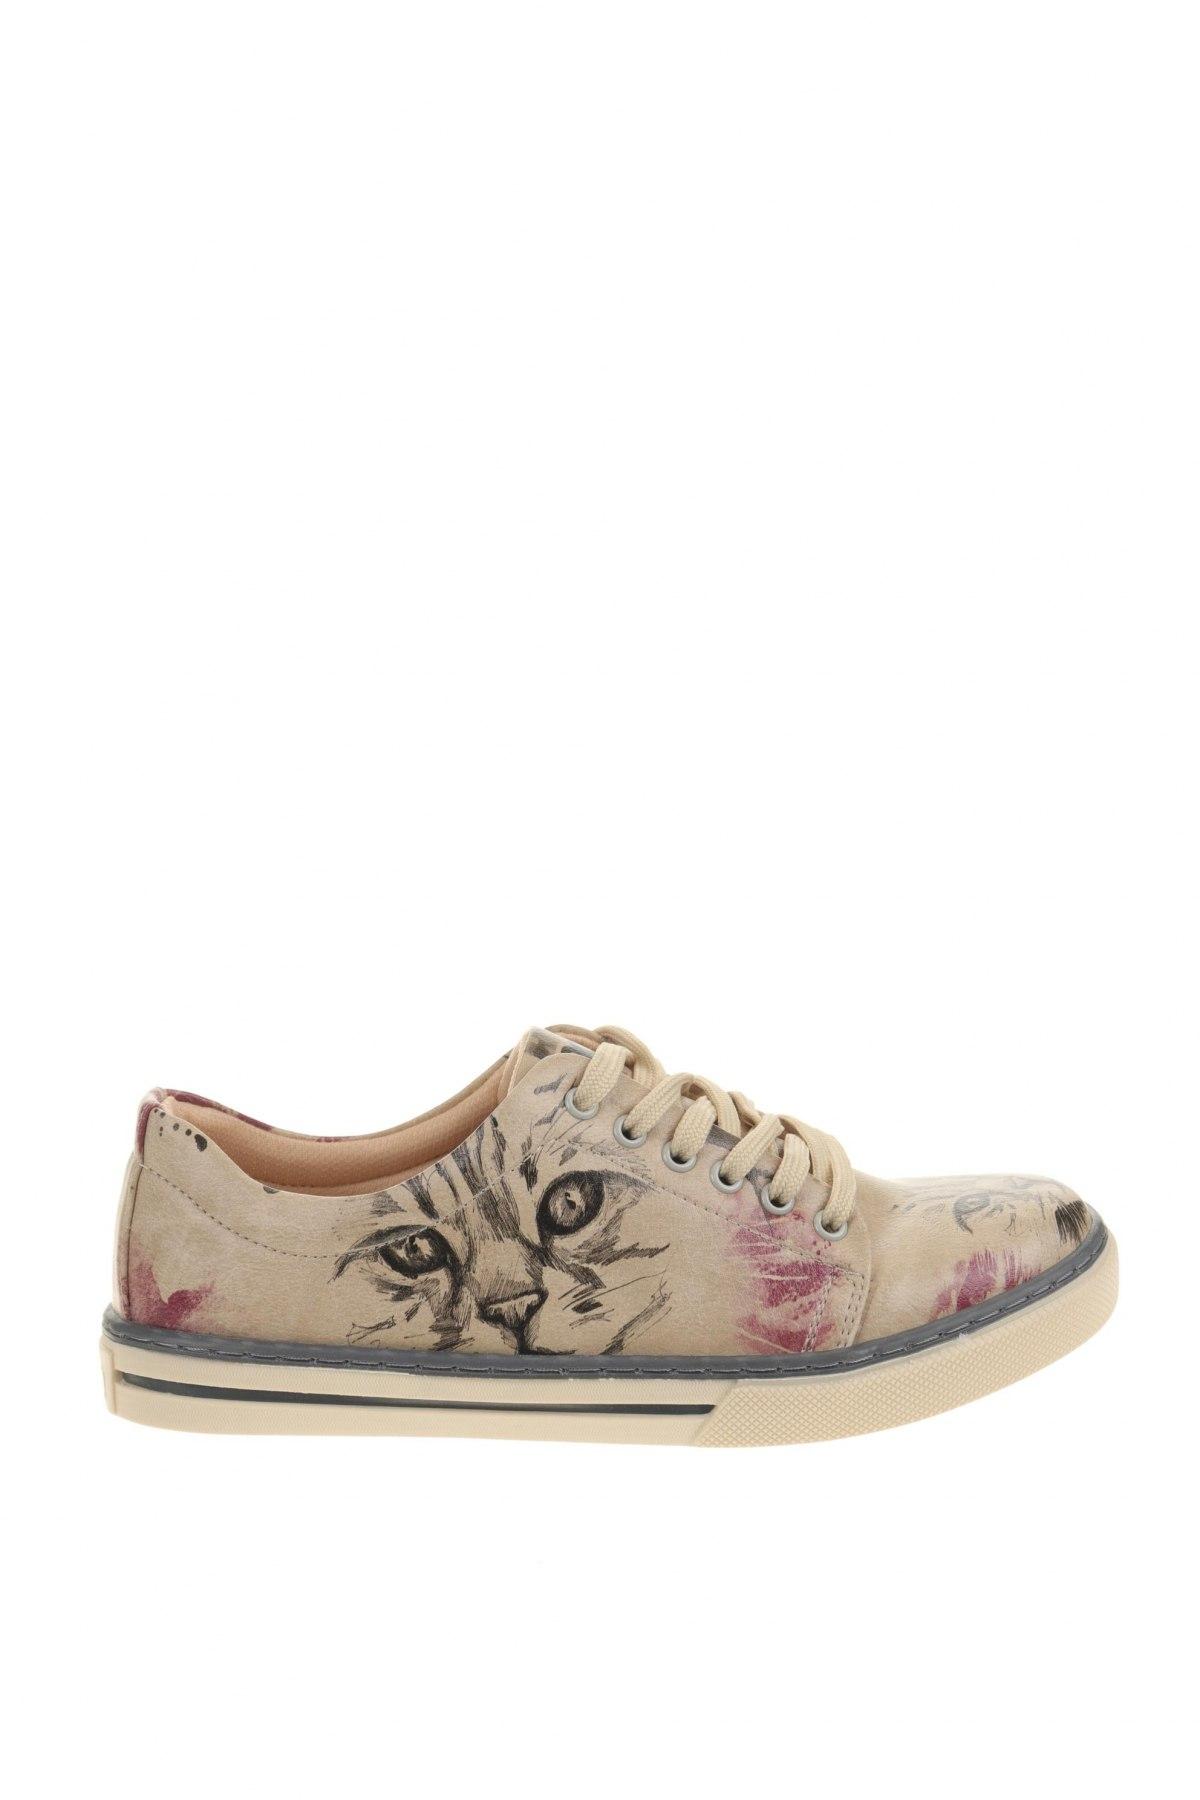 Γυναικεία παπούτσια Dogo, Μέγεθος 36, Χρώμα  Μπέζ, Δερματίνη, Τιμή 34,41€